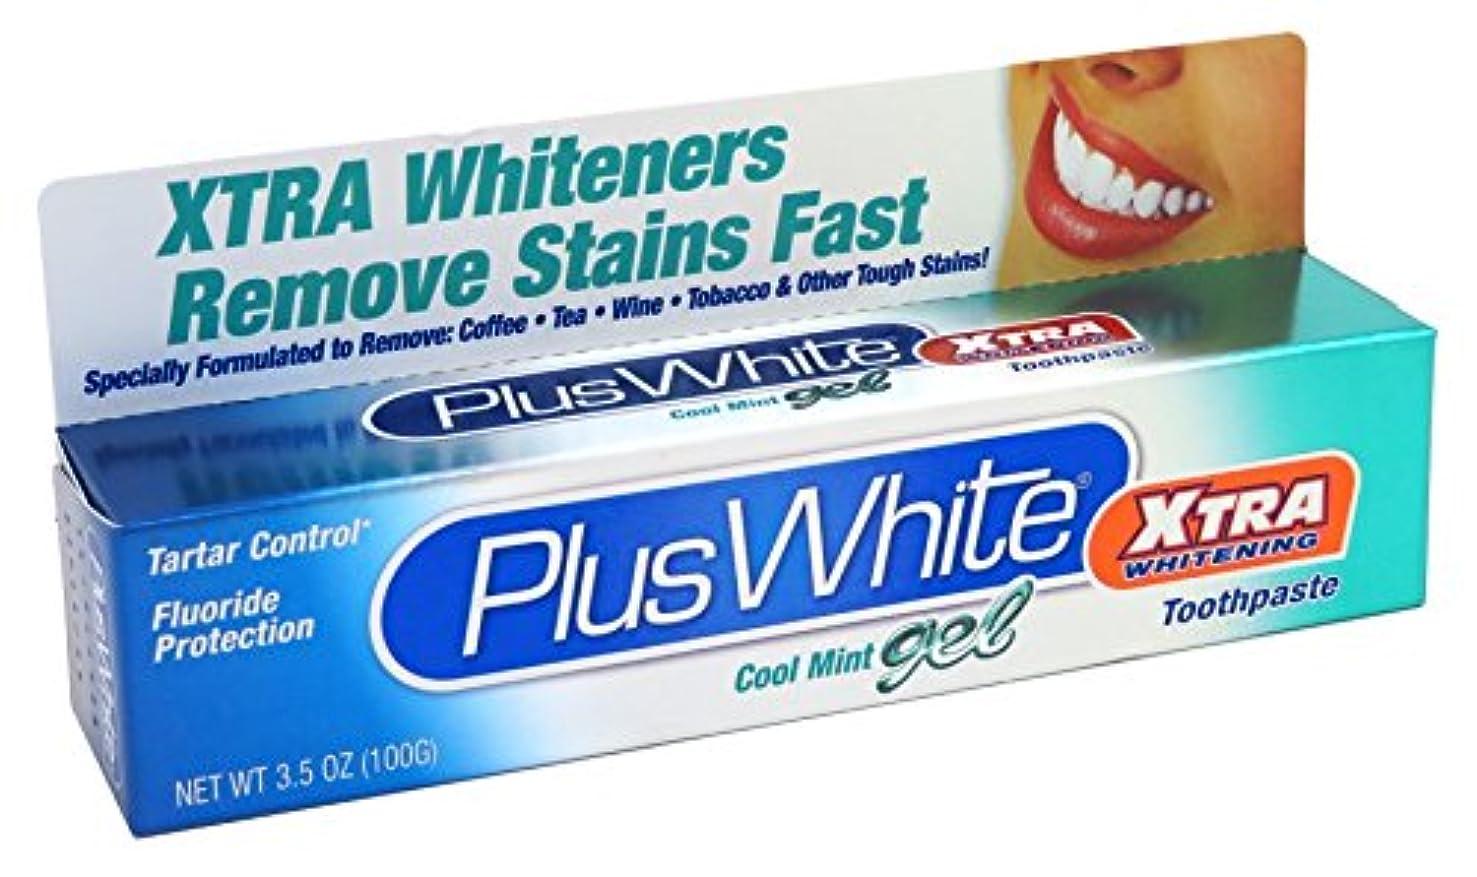 賠償開拓者素人強力ホワイトニング歯磨きミントジェル 104ml (並行輸入品)